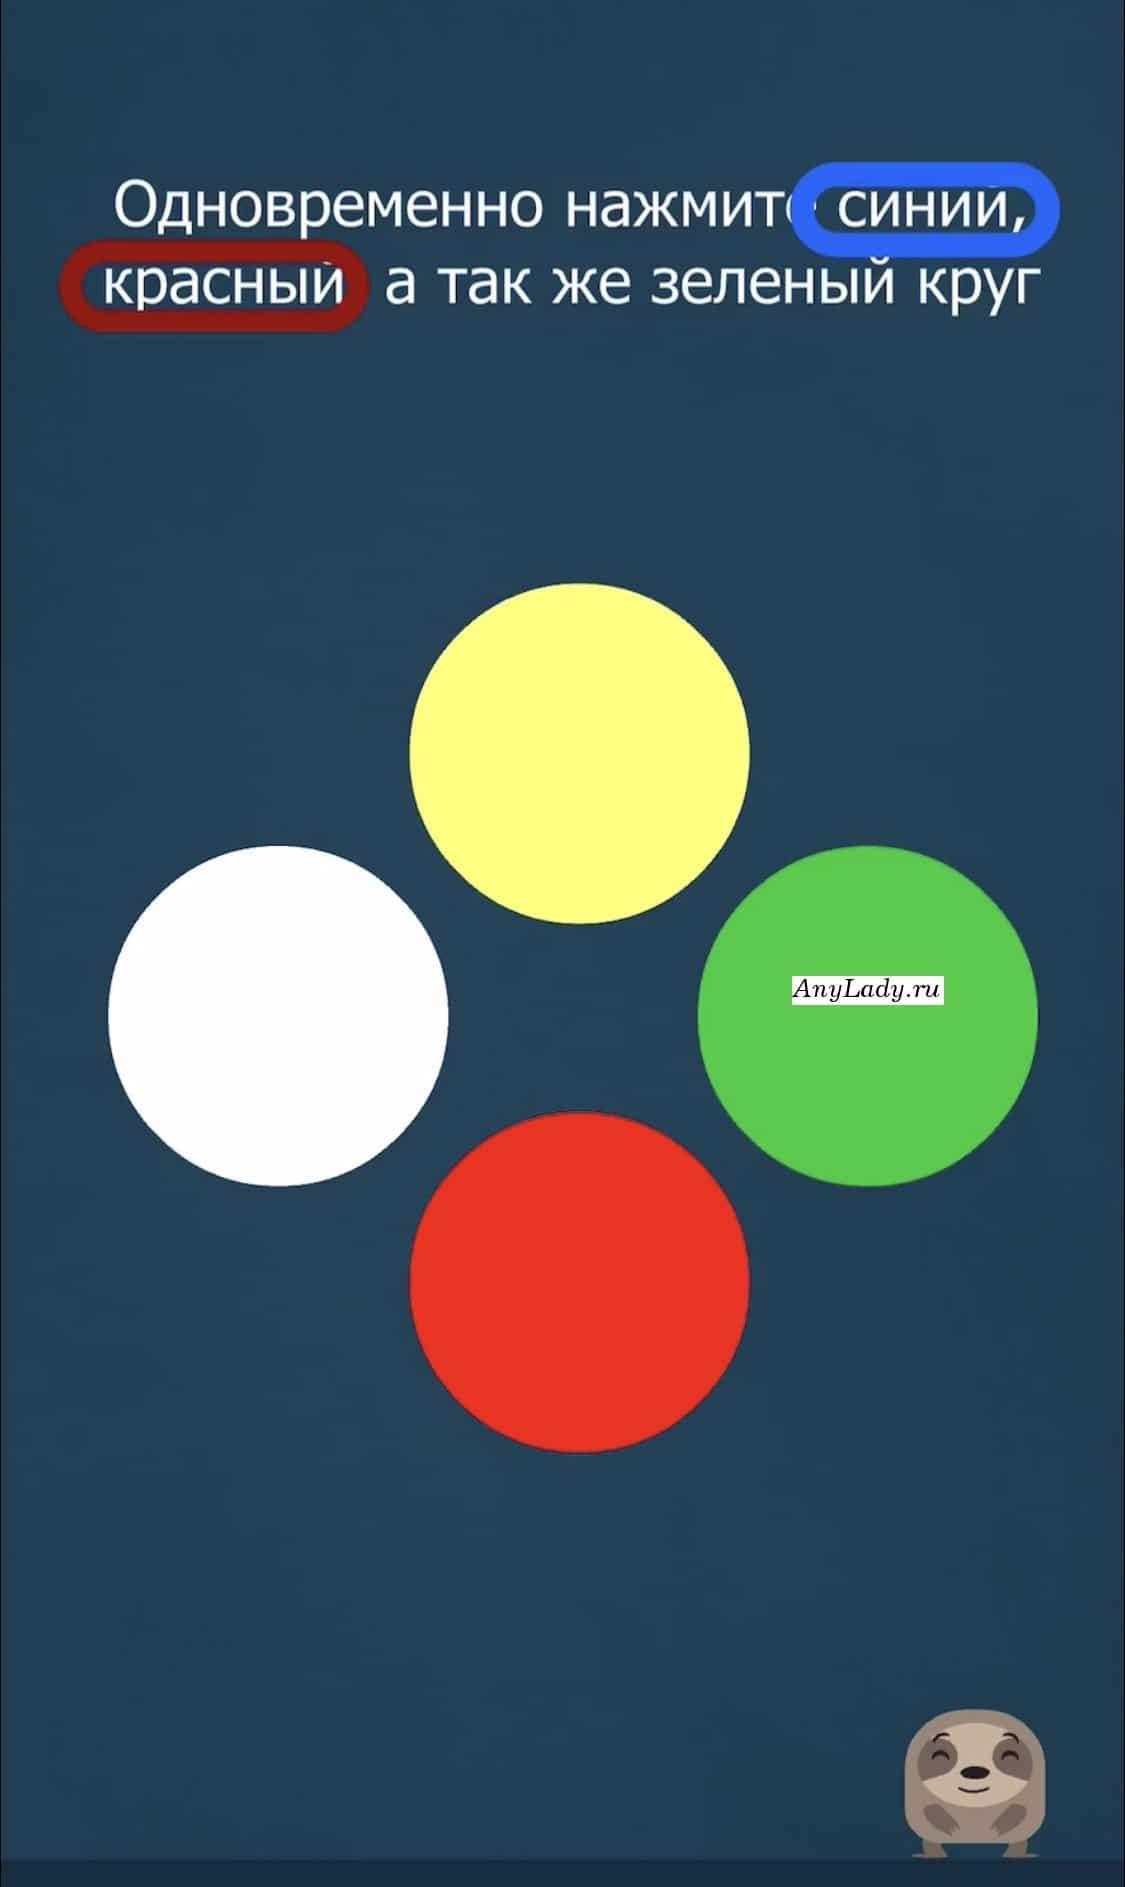 Единовременно зажмите пальцами: Зеленый круг и слова в тексте КРАСНЫЙ и СИНИЙ.